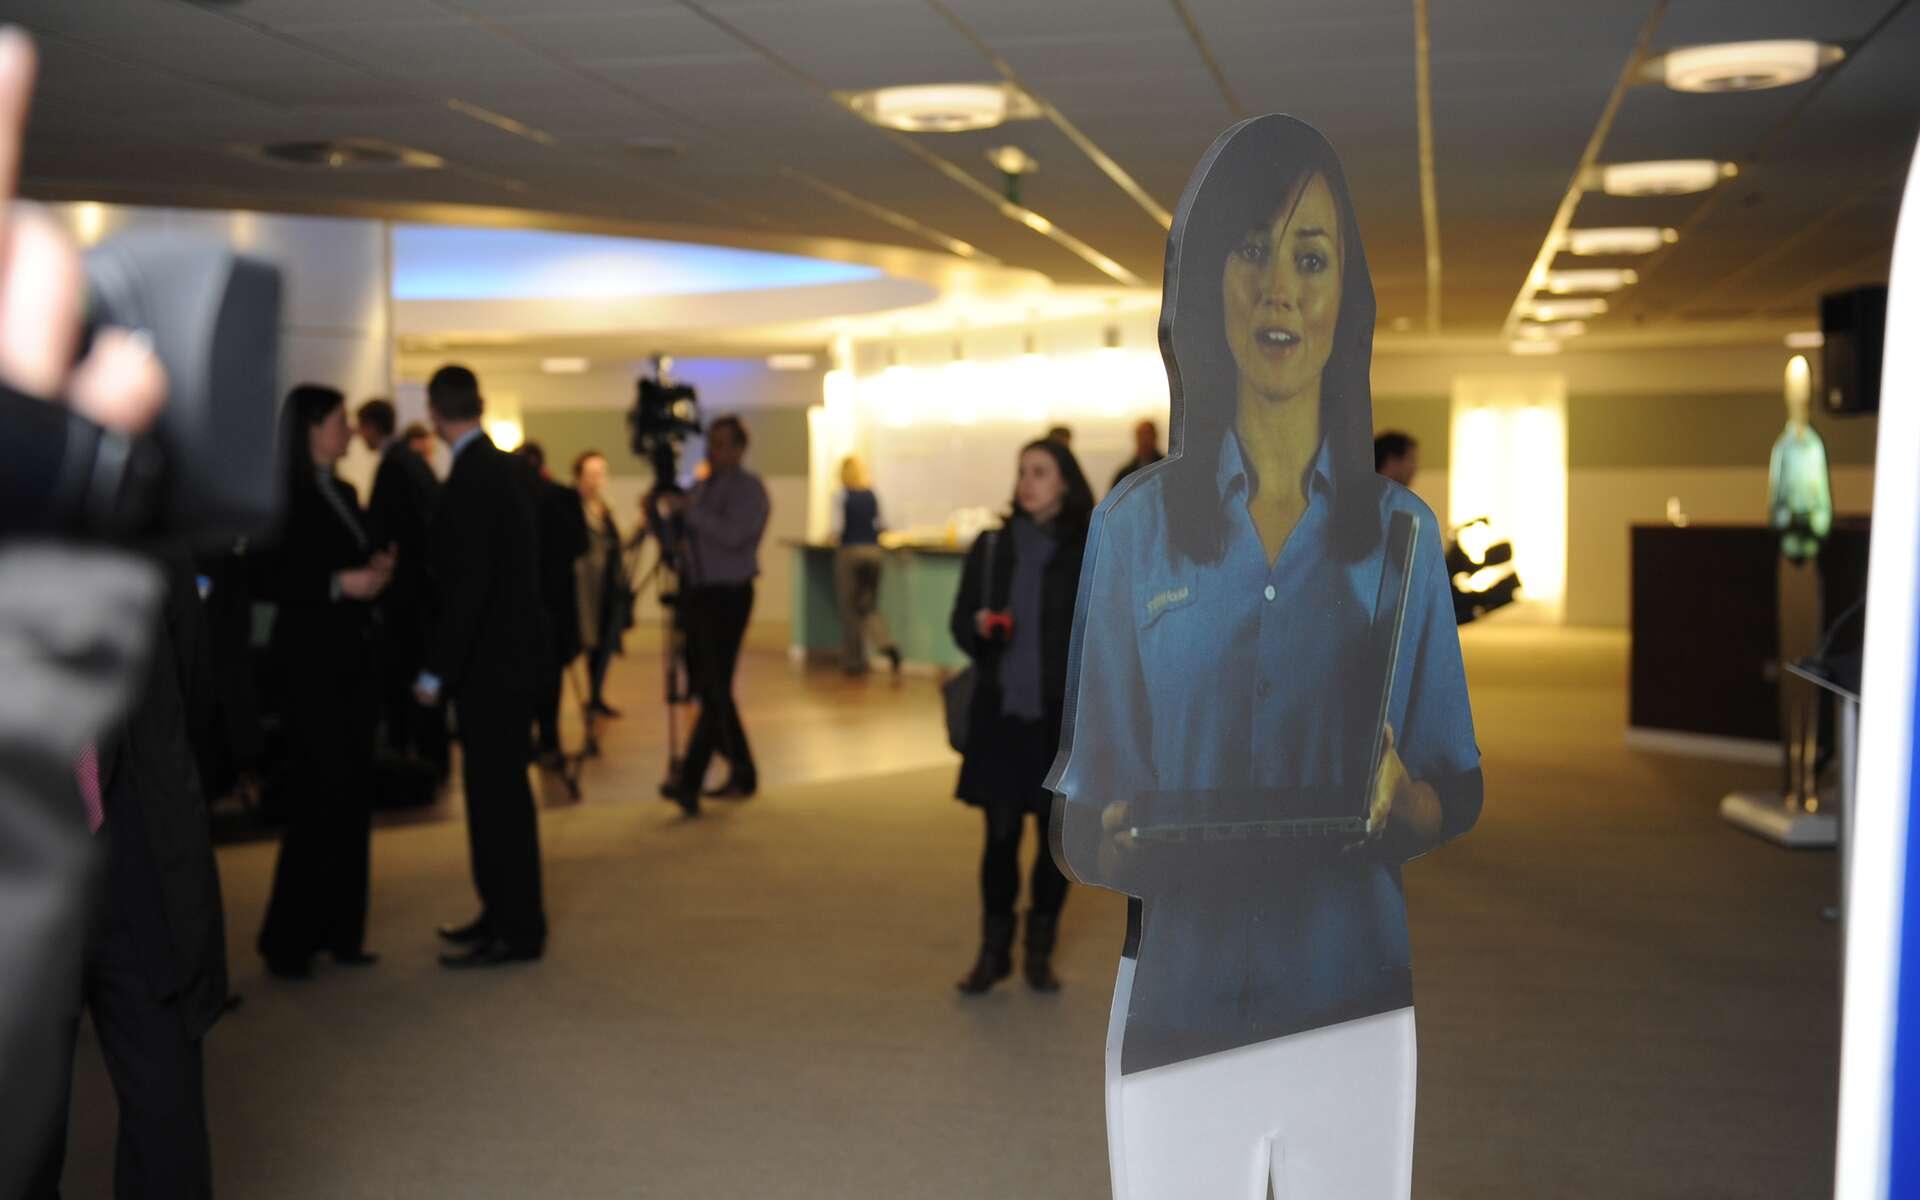 Holly, l'employée hologramme de l'aéroport de Luton. © Luton Airport